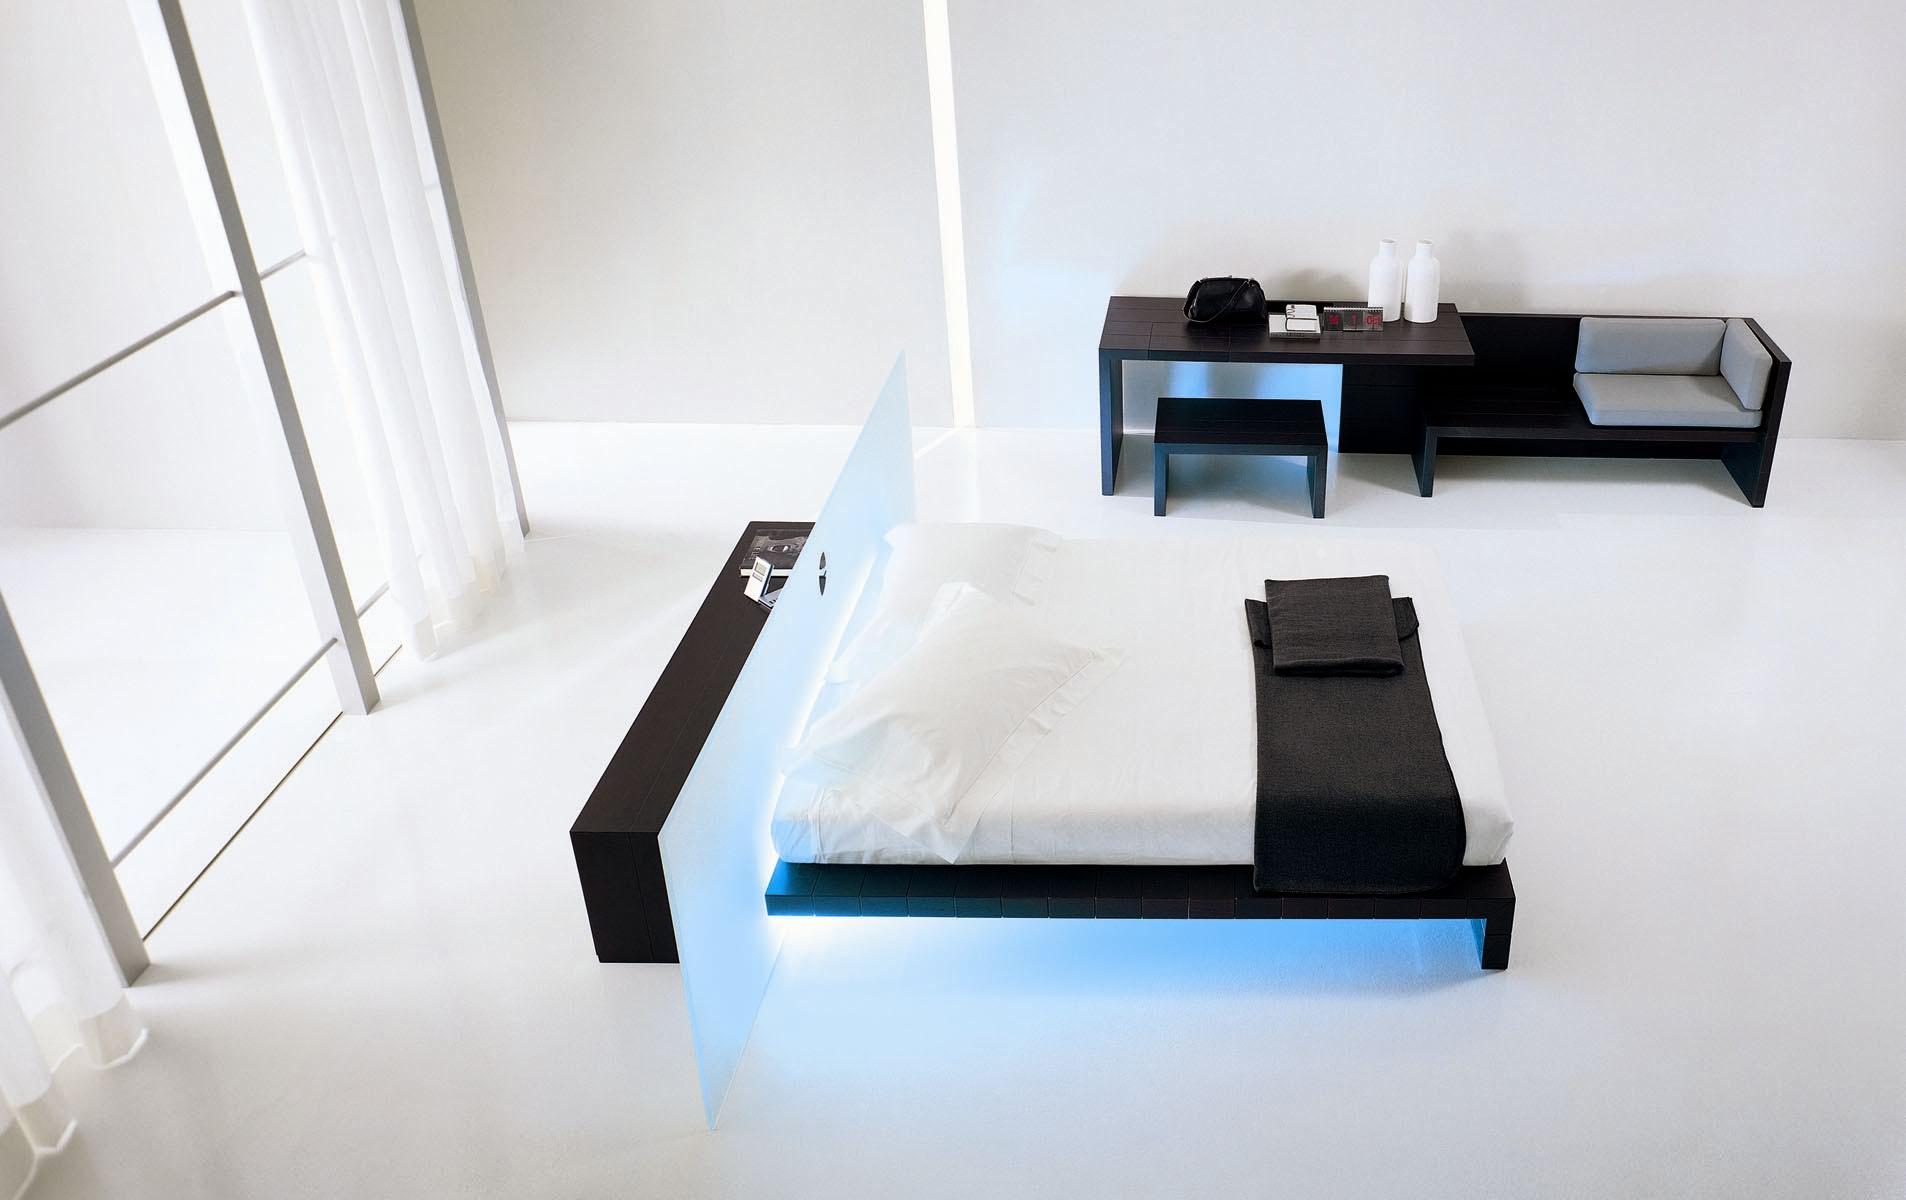 Первоклассное оформление интерьера помещения в стиле минимализм